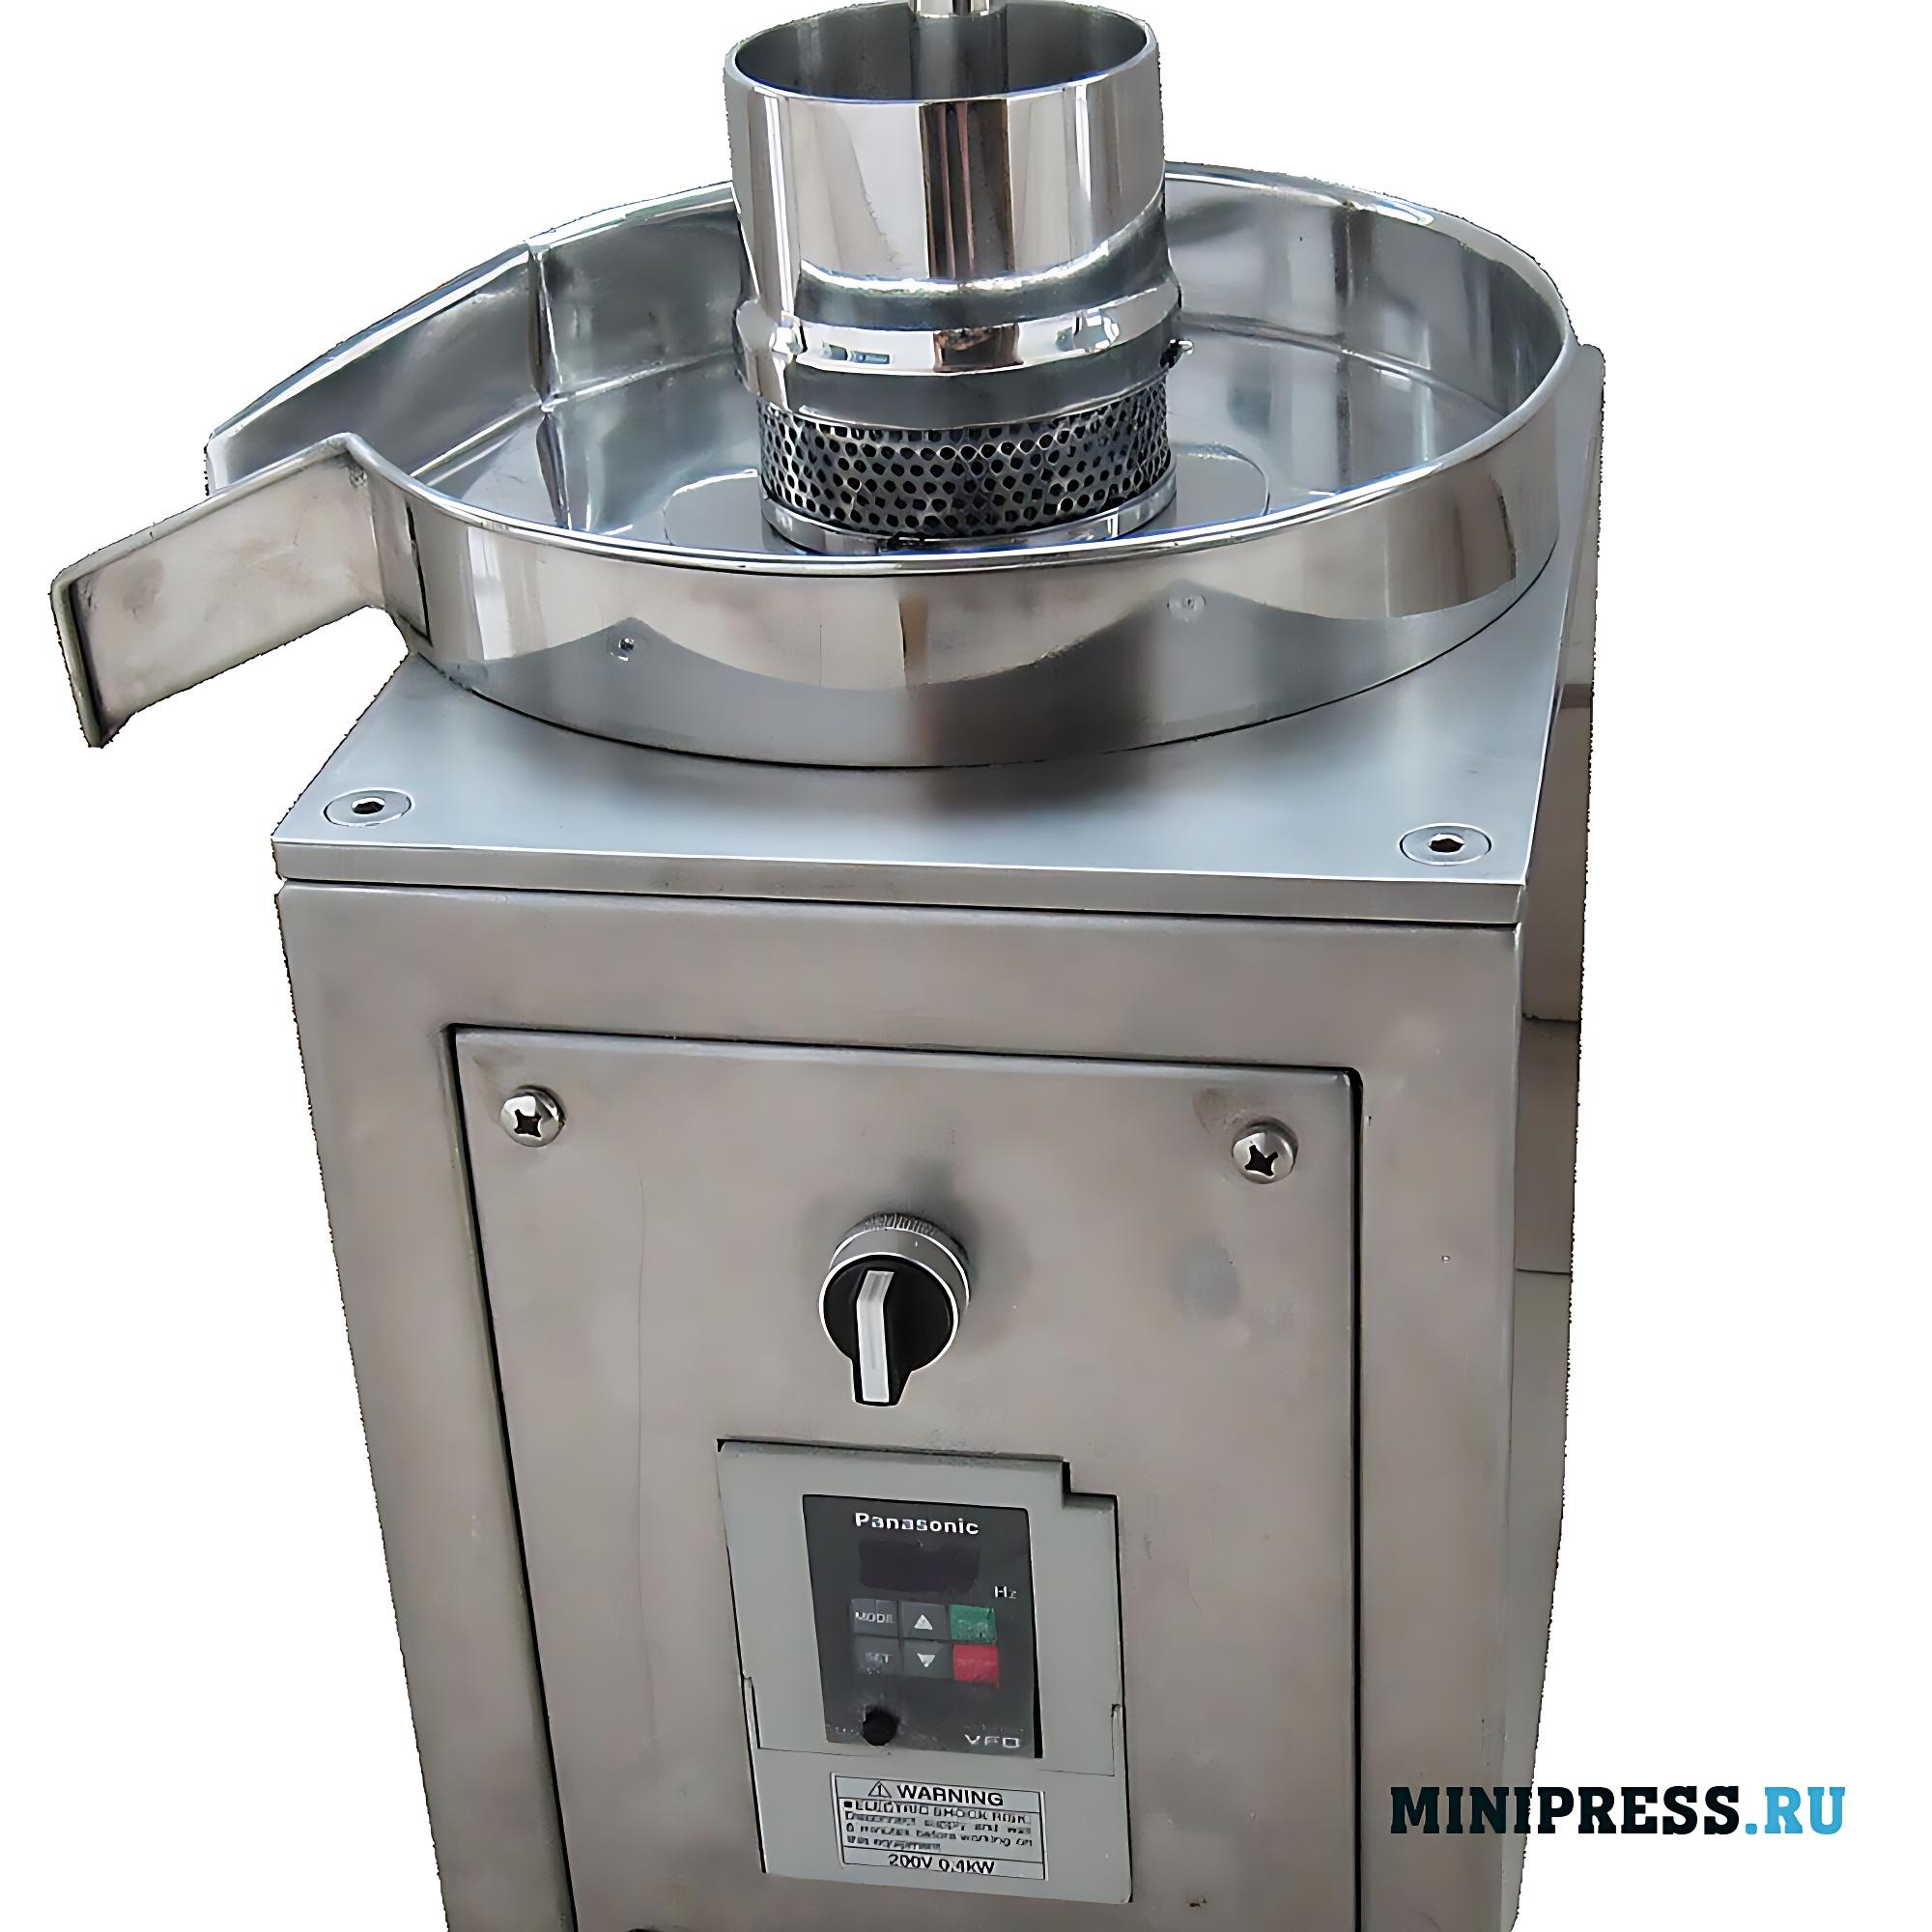 Лабораторный гранулятор настольного типа для влажного гранулирования